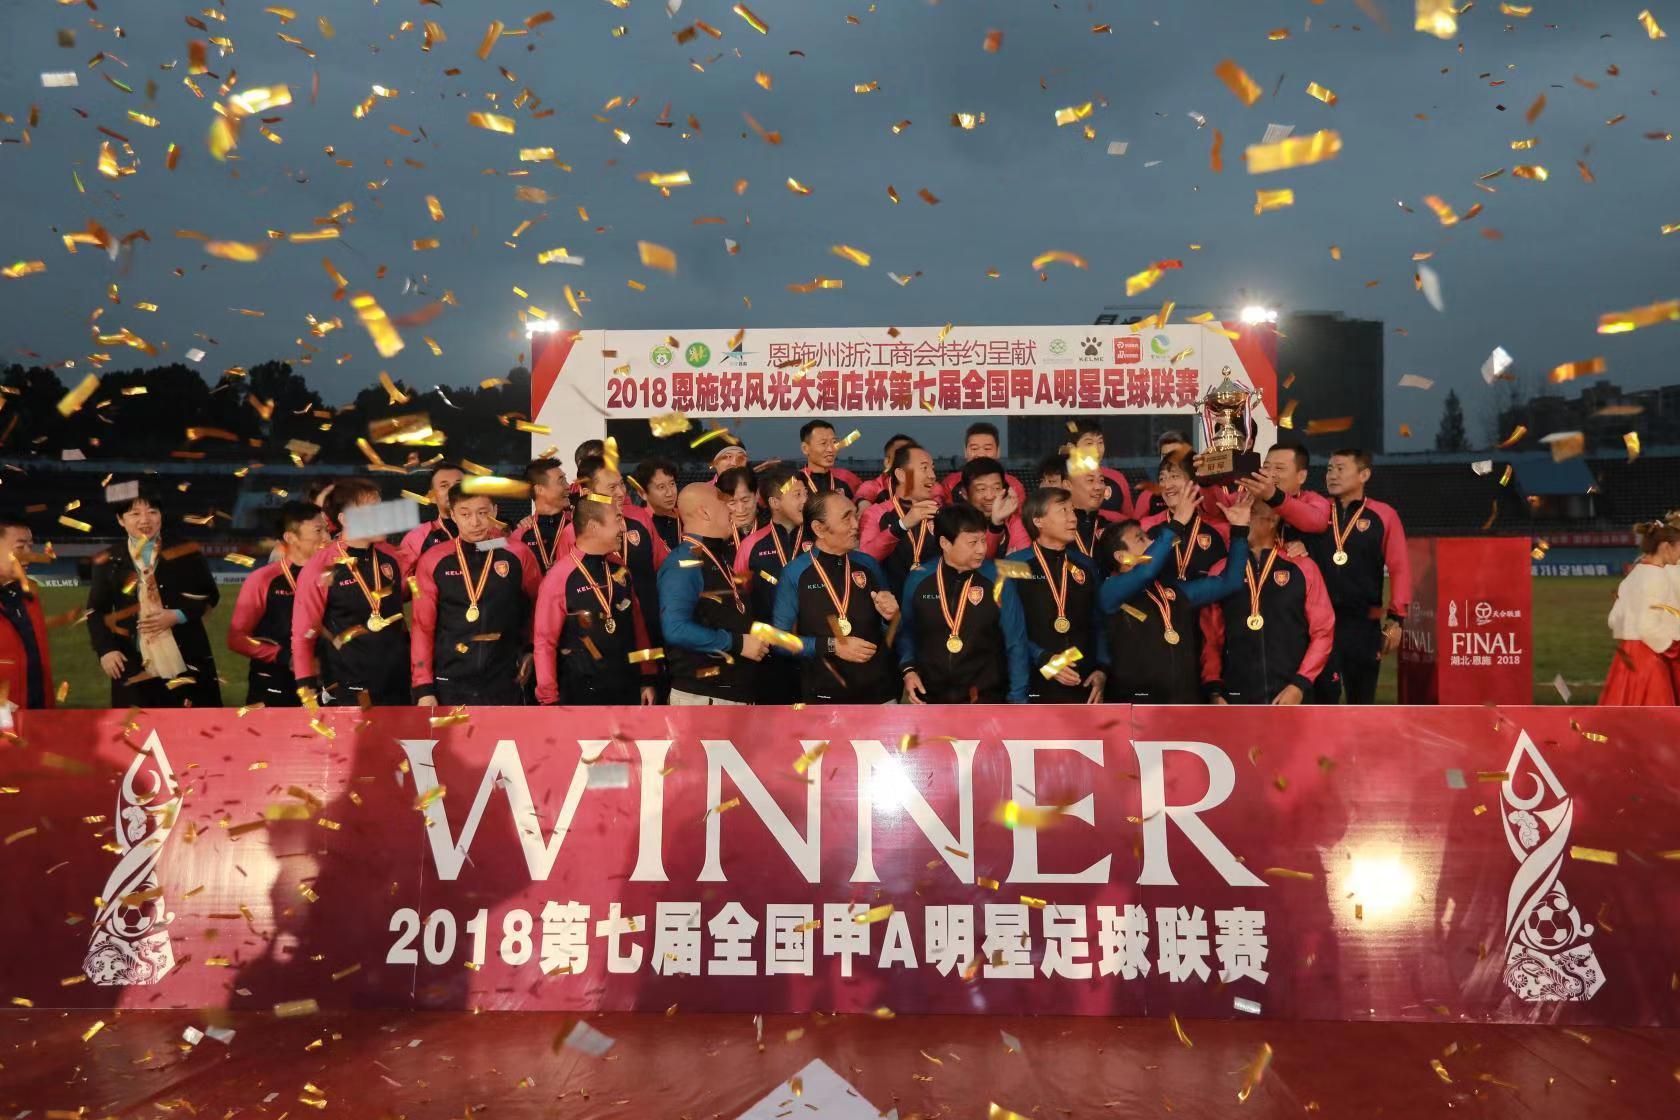 辽宁夺冠成老甲A第5支冠军队 球星传承足球正能量